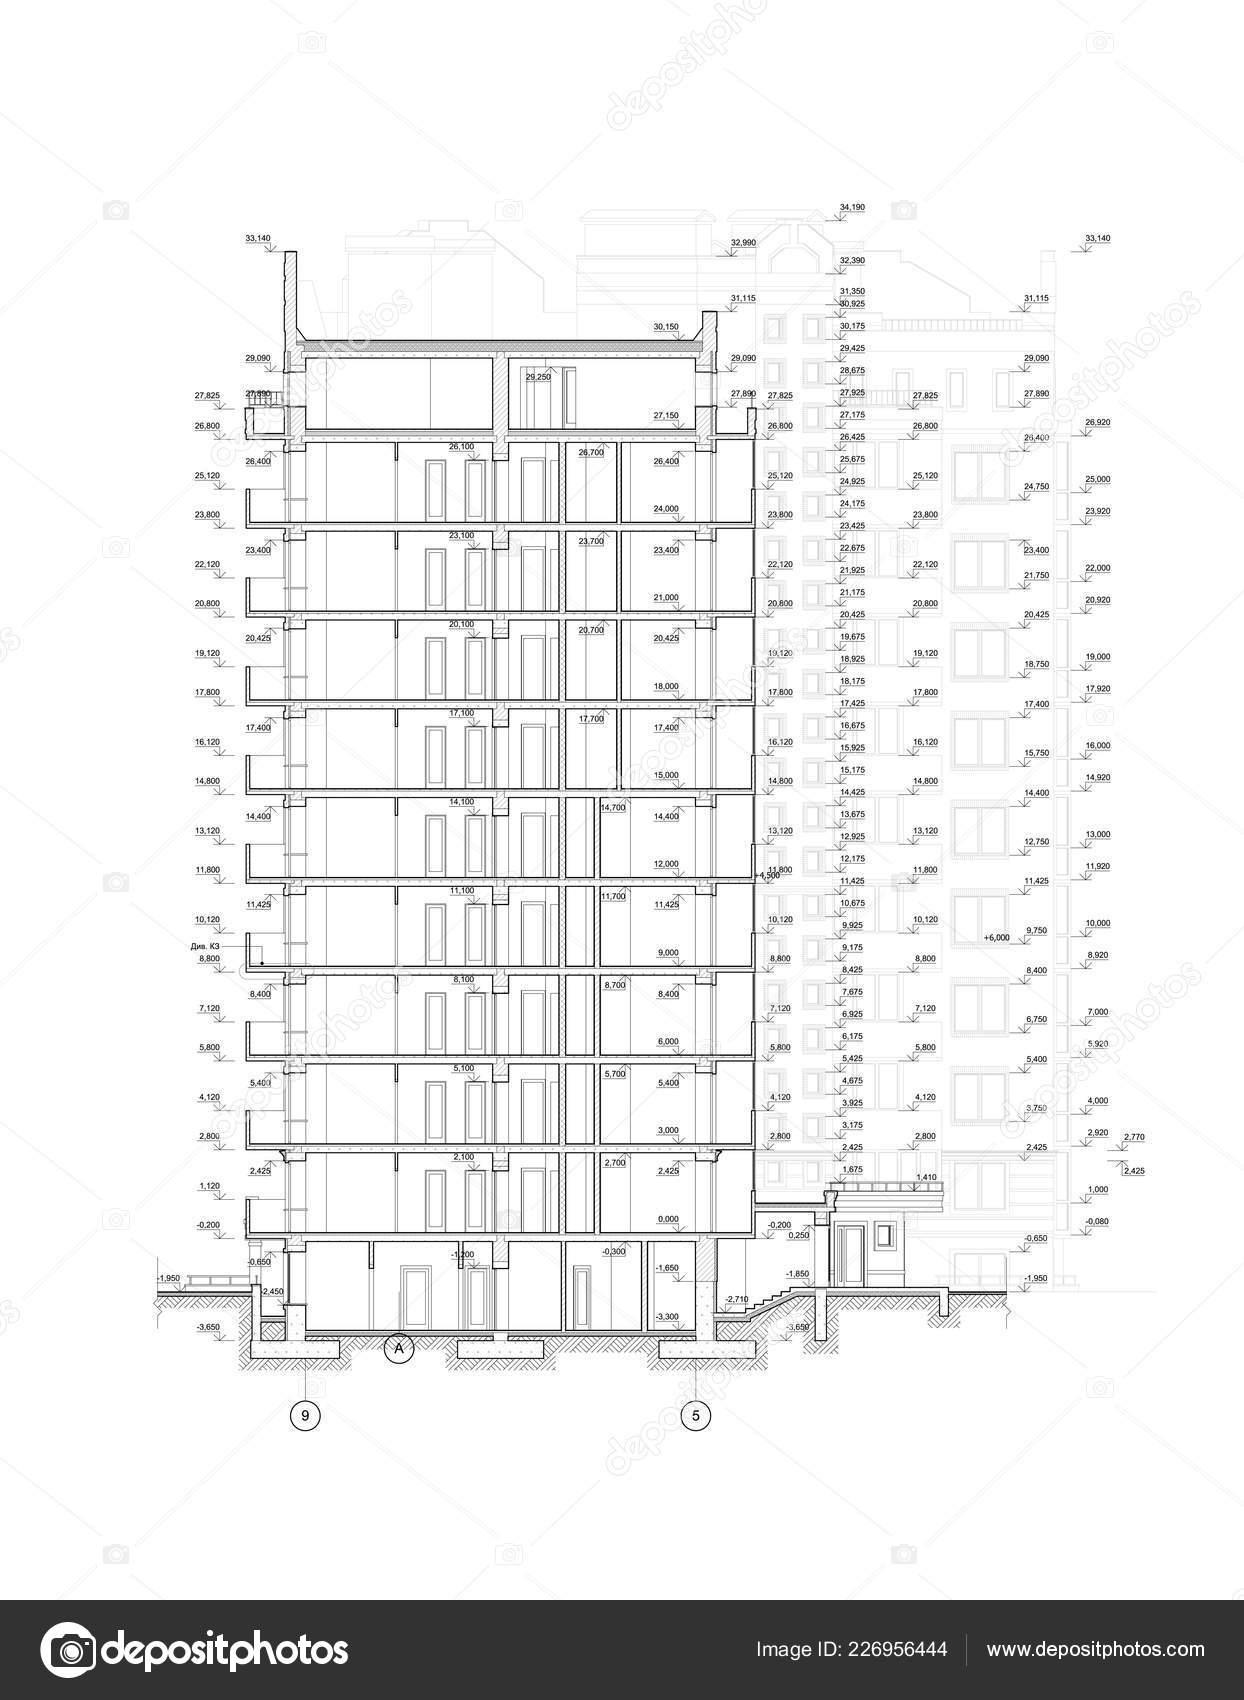 Vicepodlazni Budovy Sekce Detailnich Architektury Technicke Kresby